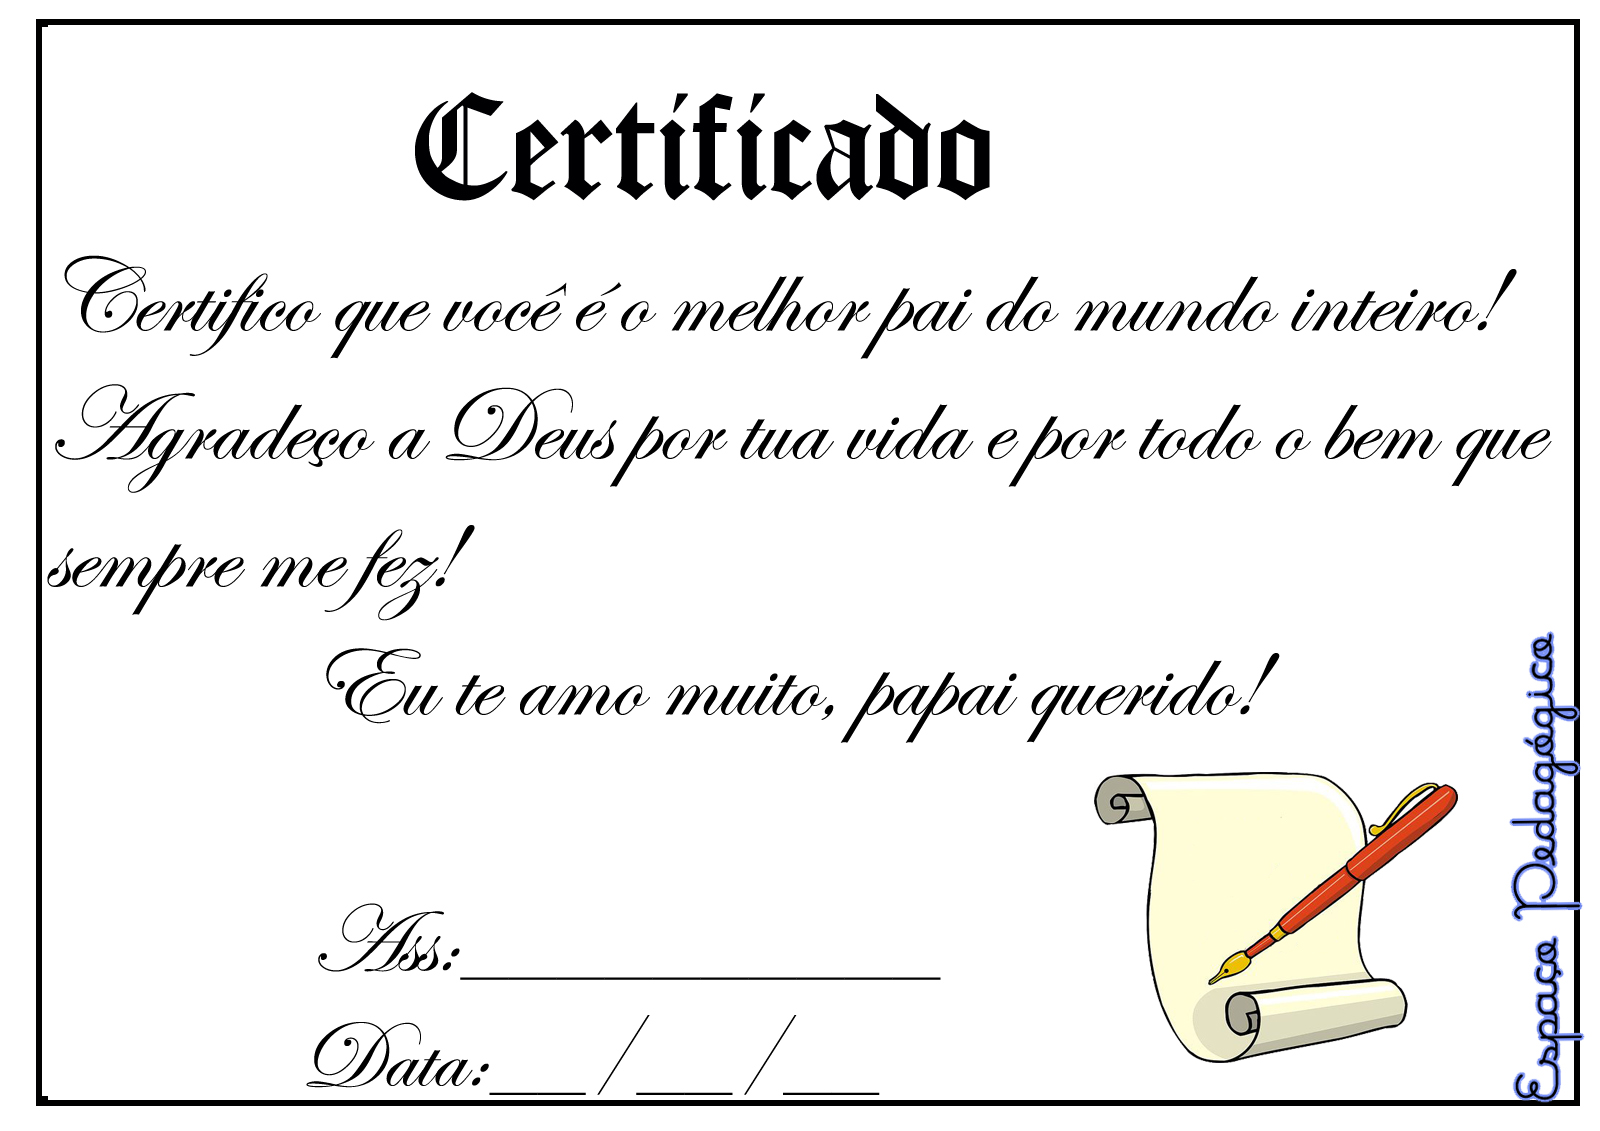 certificado_diploma+para+o+papai+querido.jpg